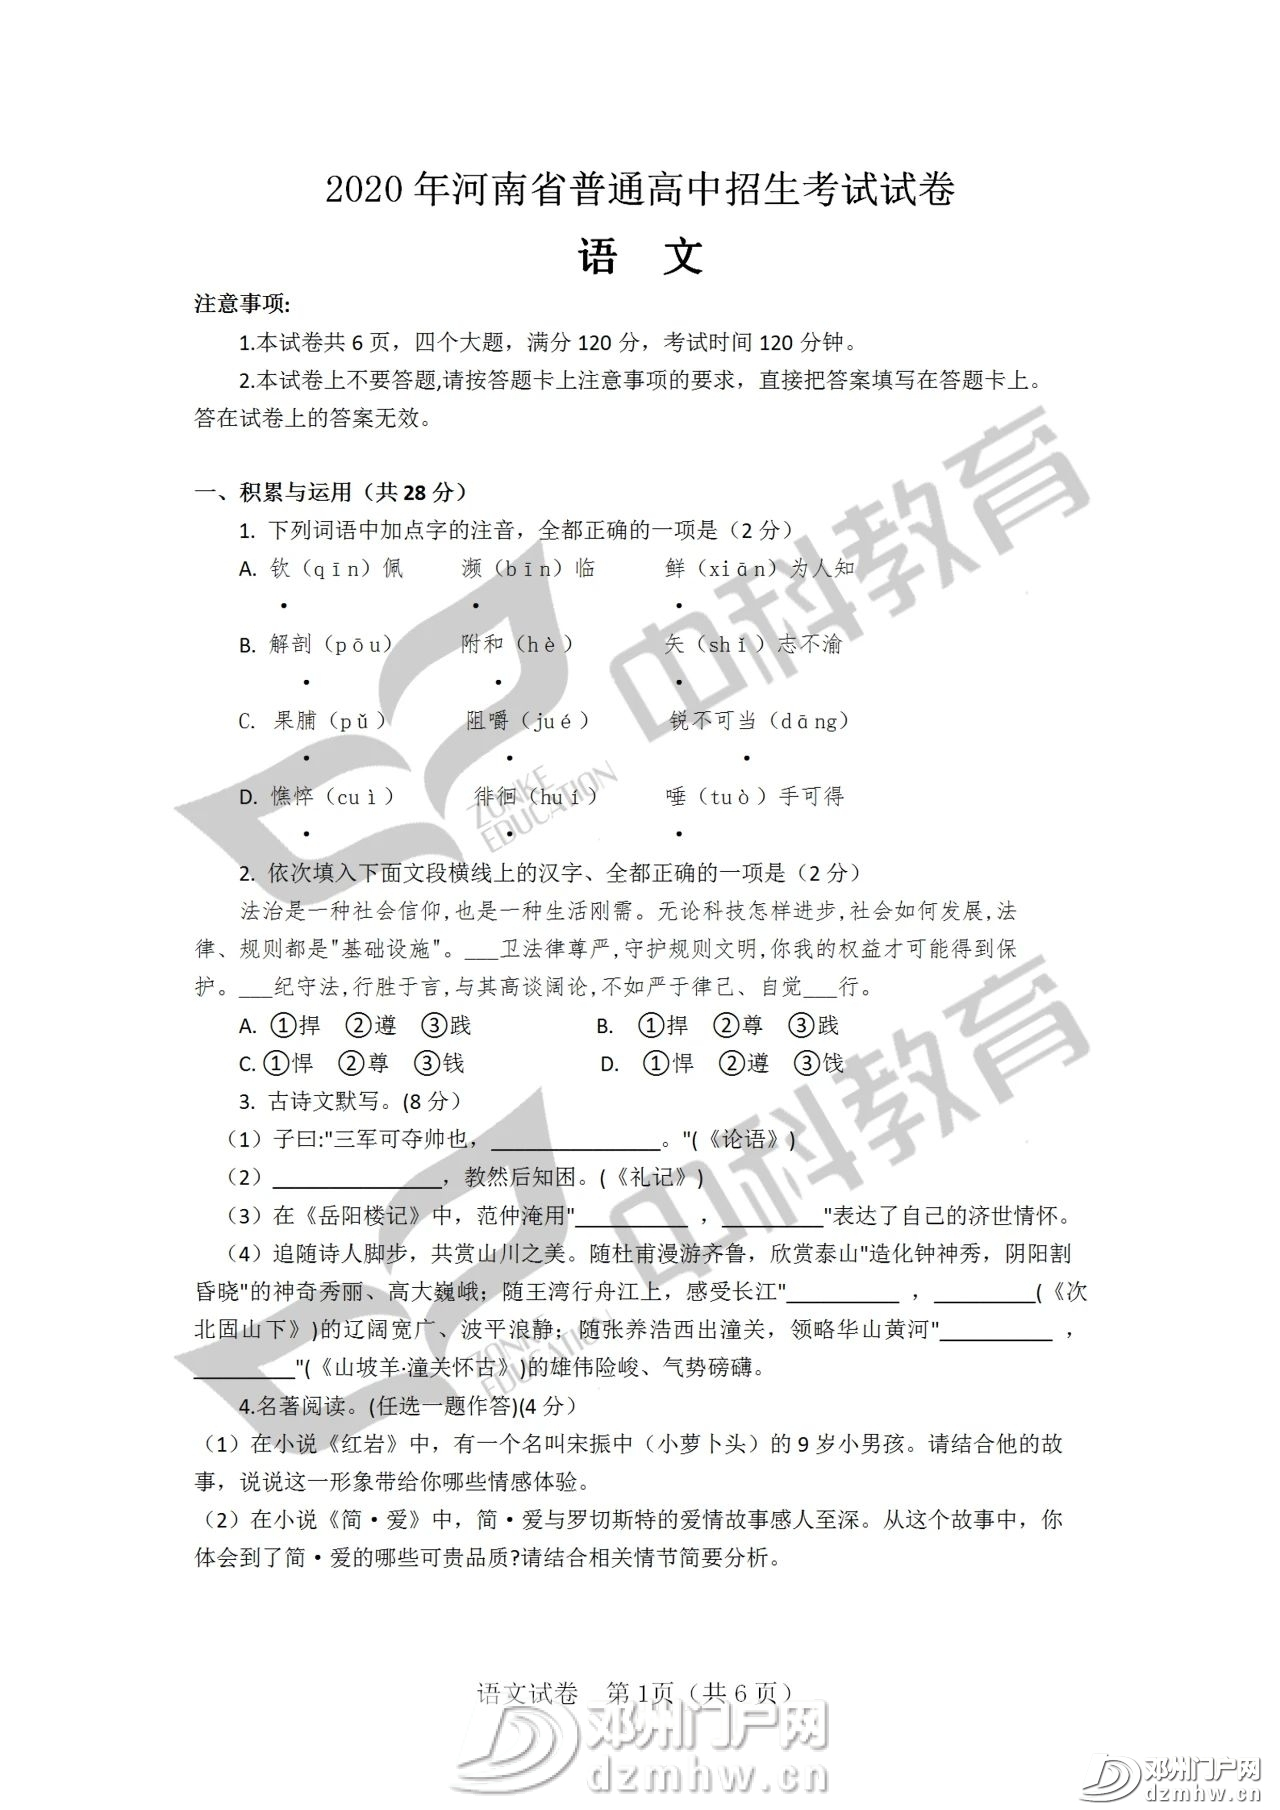 最新!邓州2020年中招各科试题及答案公布,请转发给身边的初三学生家长! - 邓州门户网|邓州网 - 280c49735b04a648b4068a5a6361f285.jpg